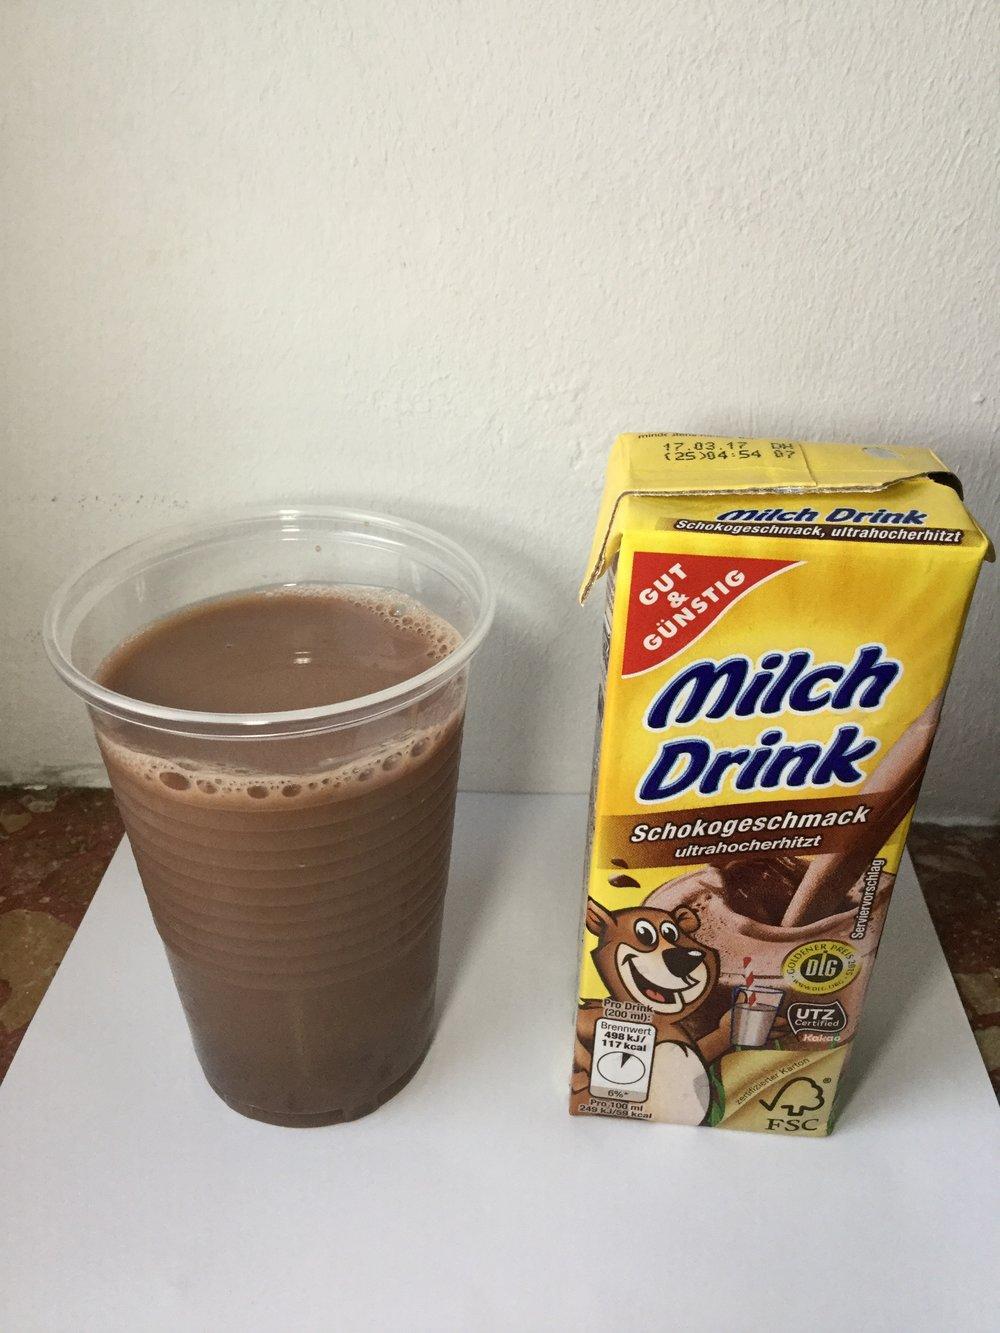 Edeka Gut & Günstig Milch Drink Schokogeschmack Cup